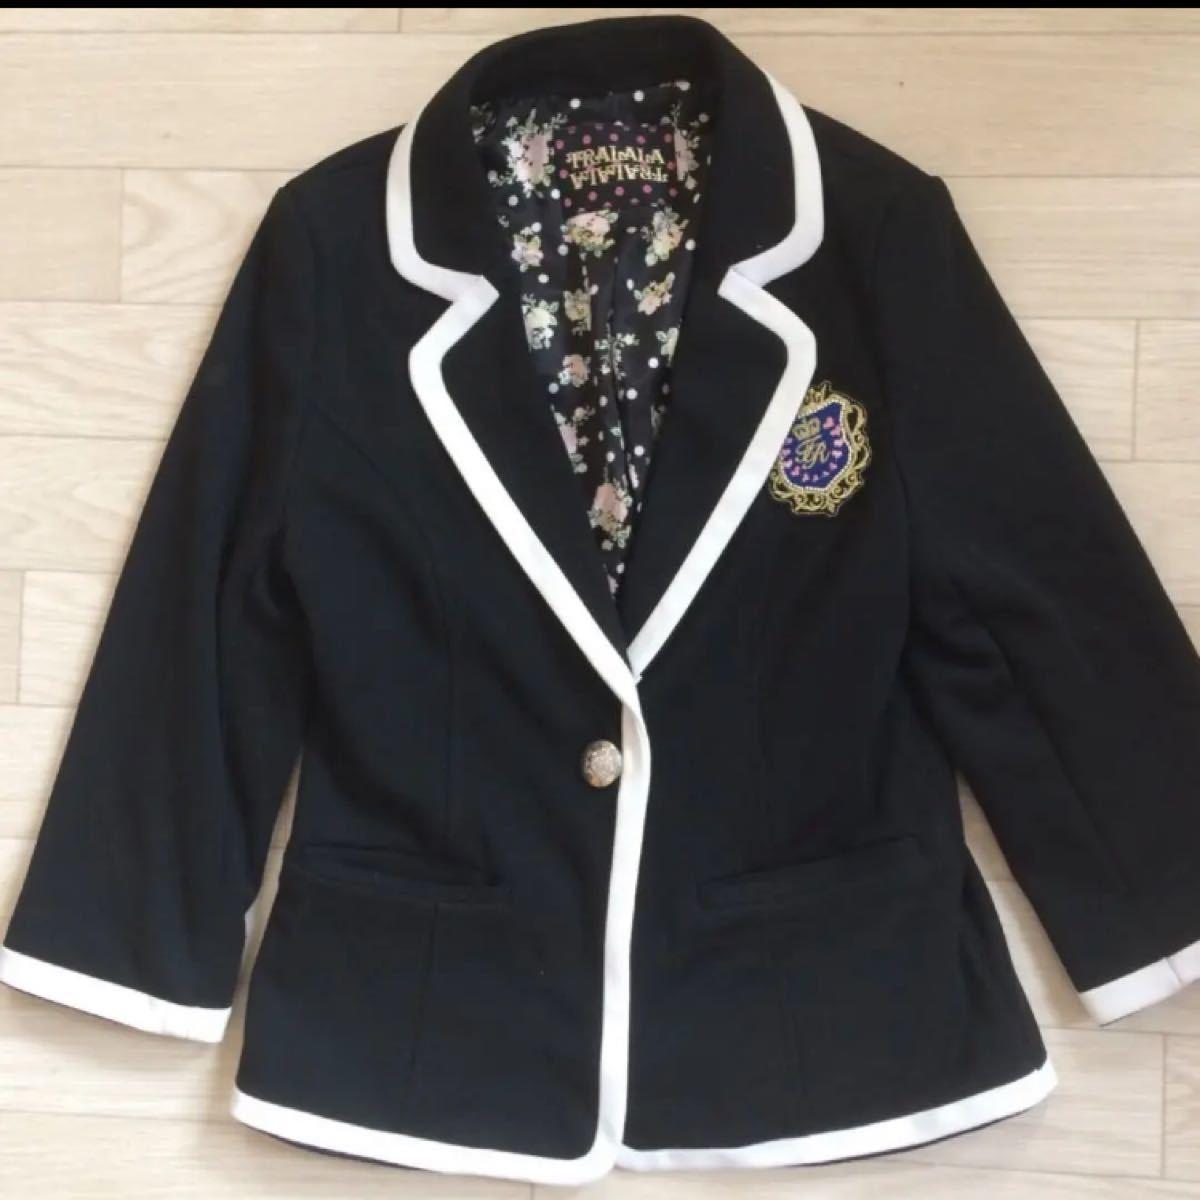 学生服風ジャケット 入学式などの式典、コスプレに